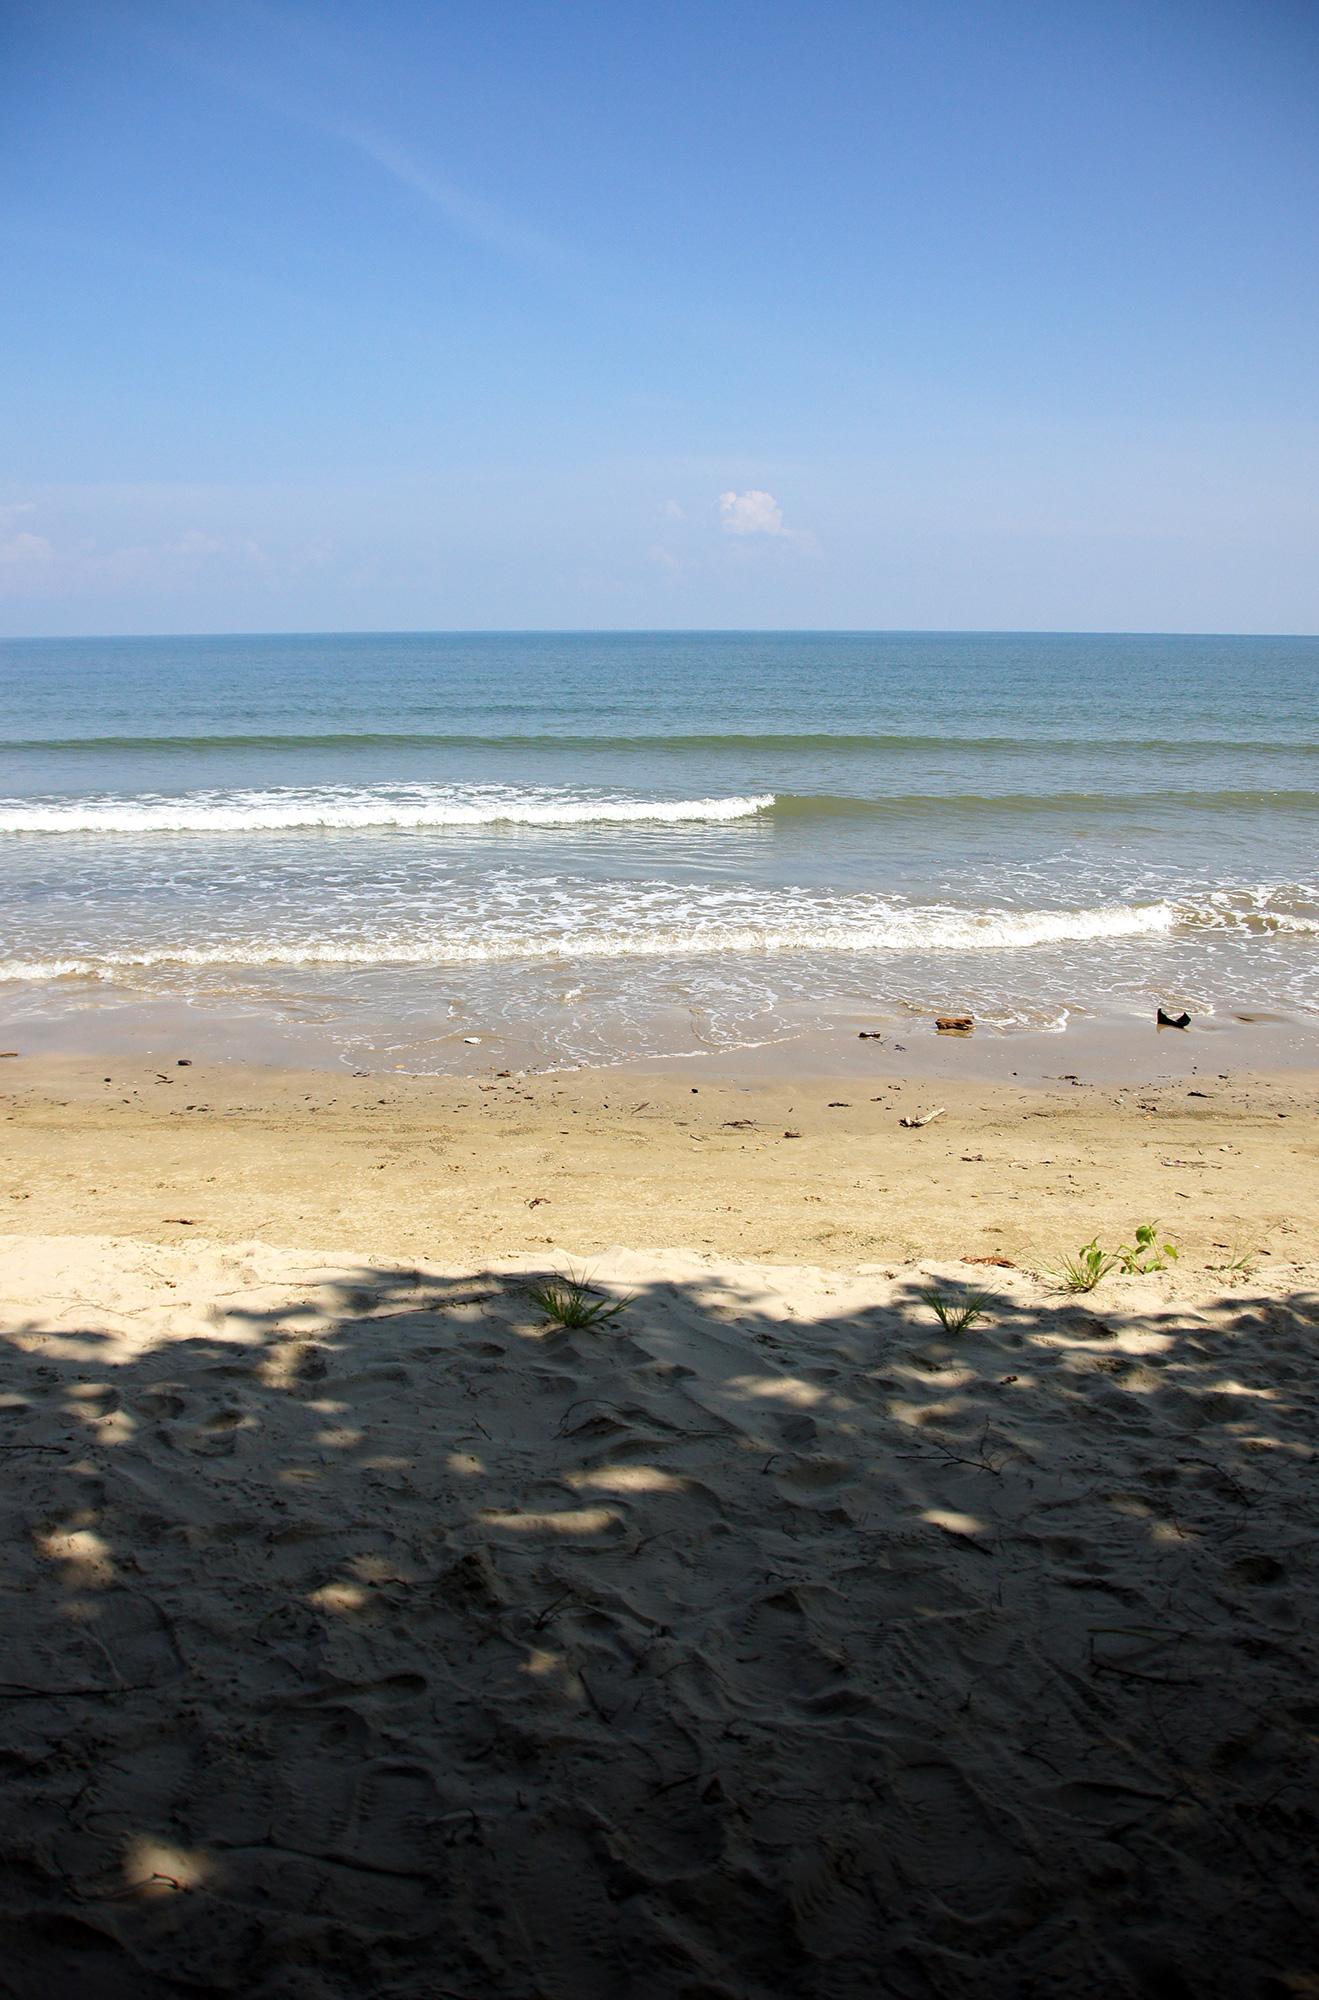 水平線と寄せる波のフリー写真素材